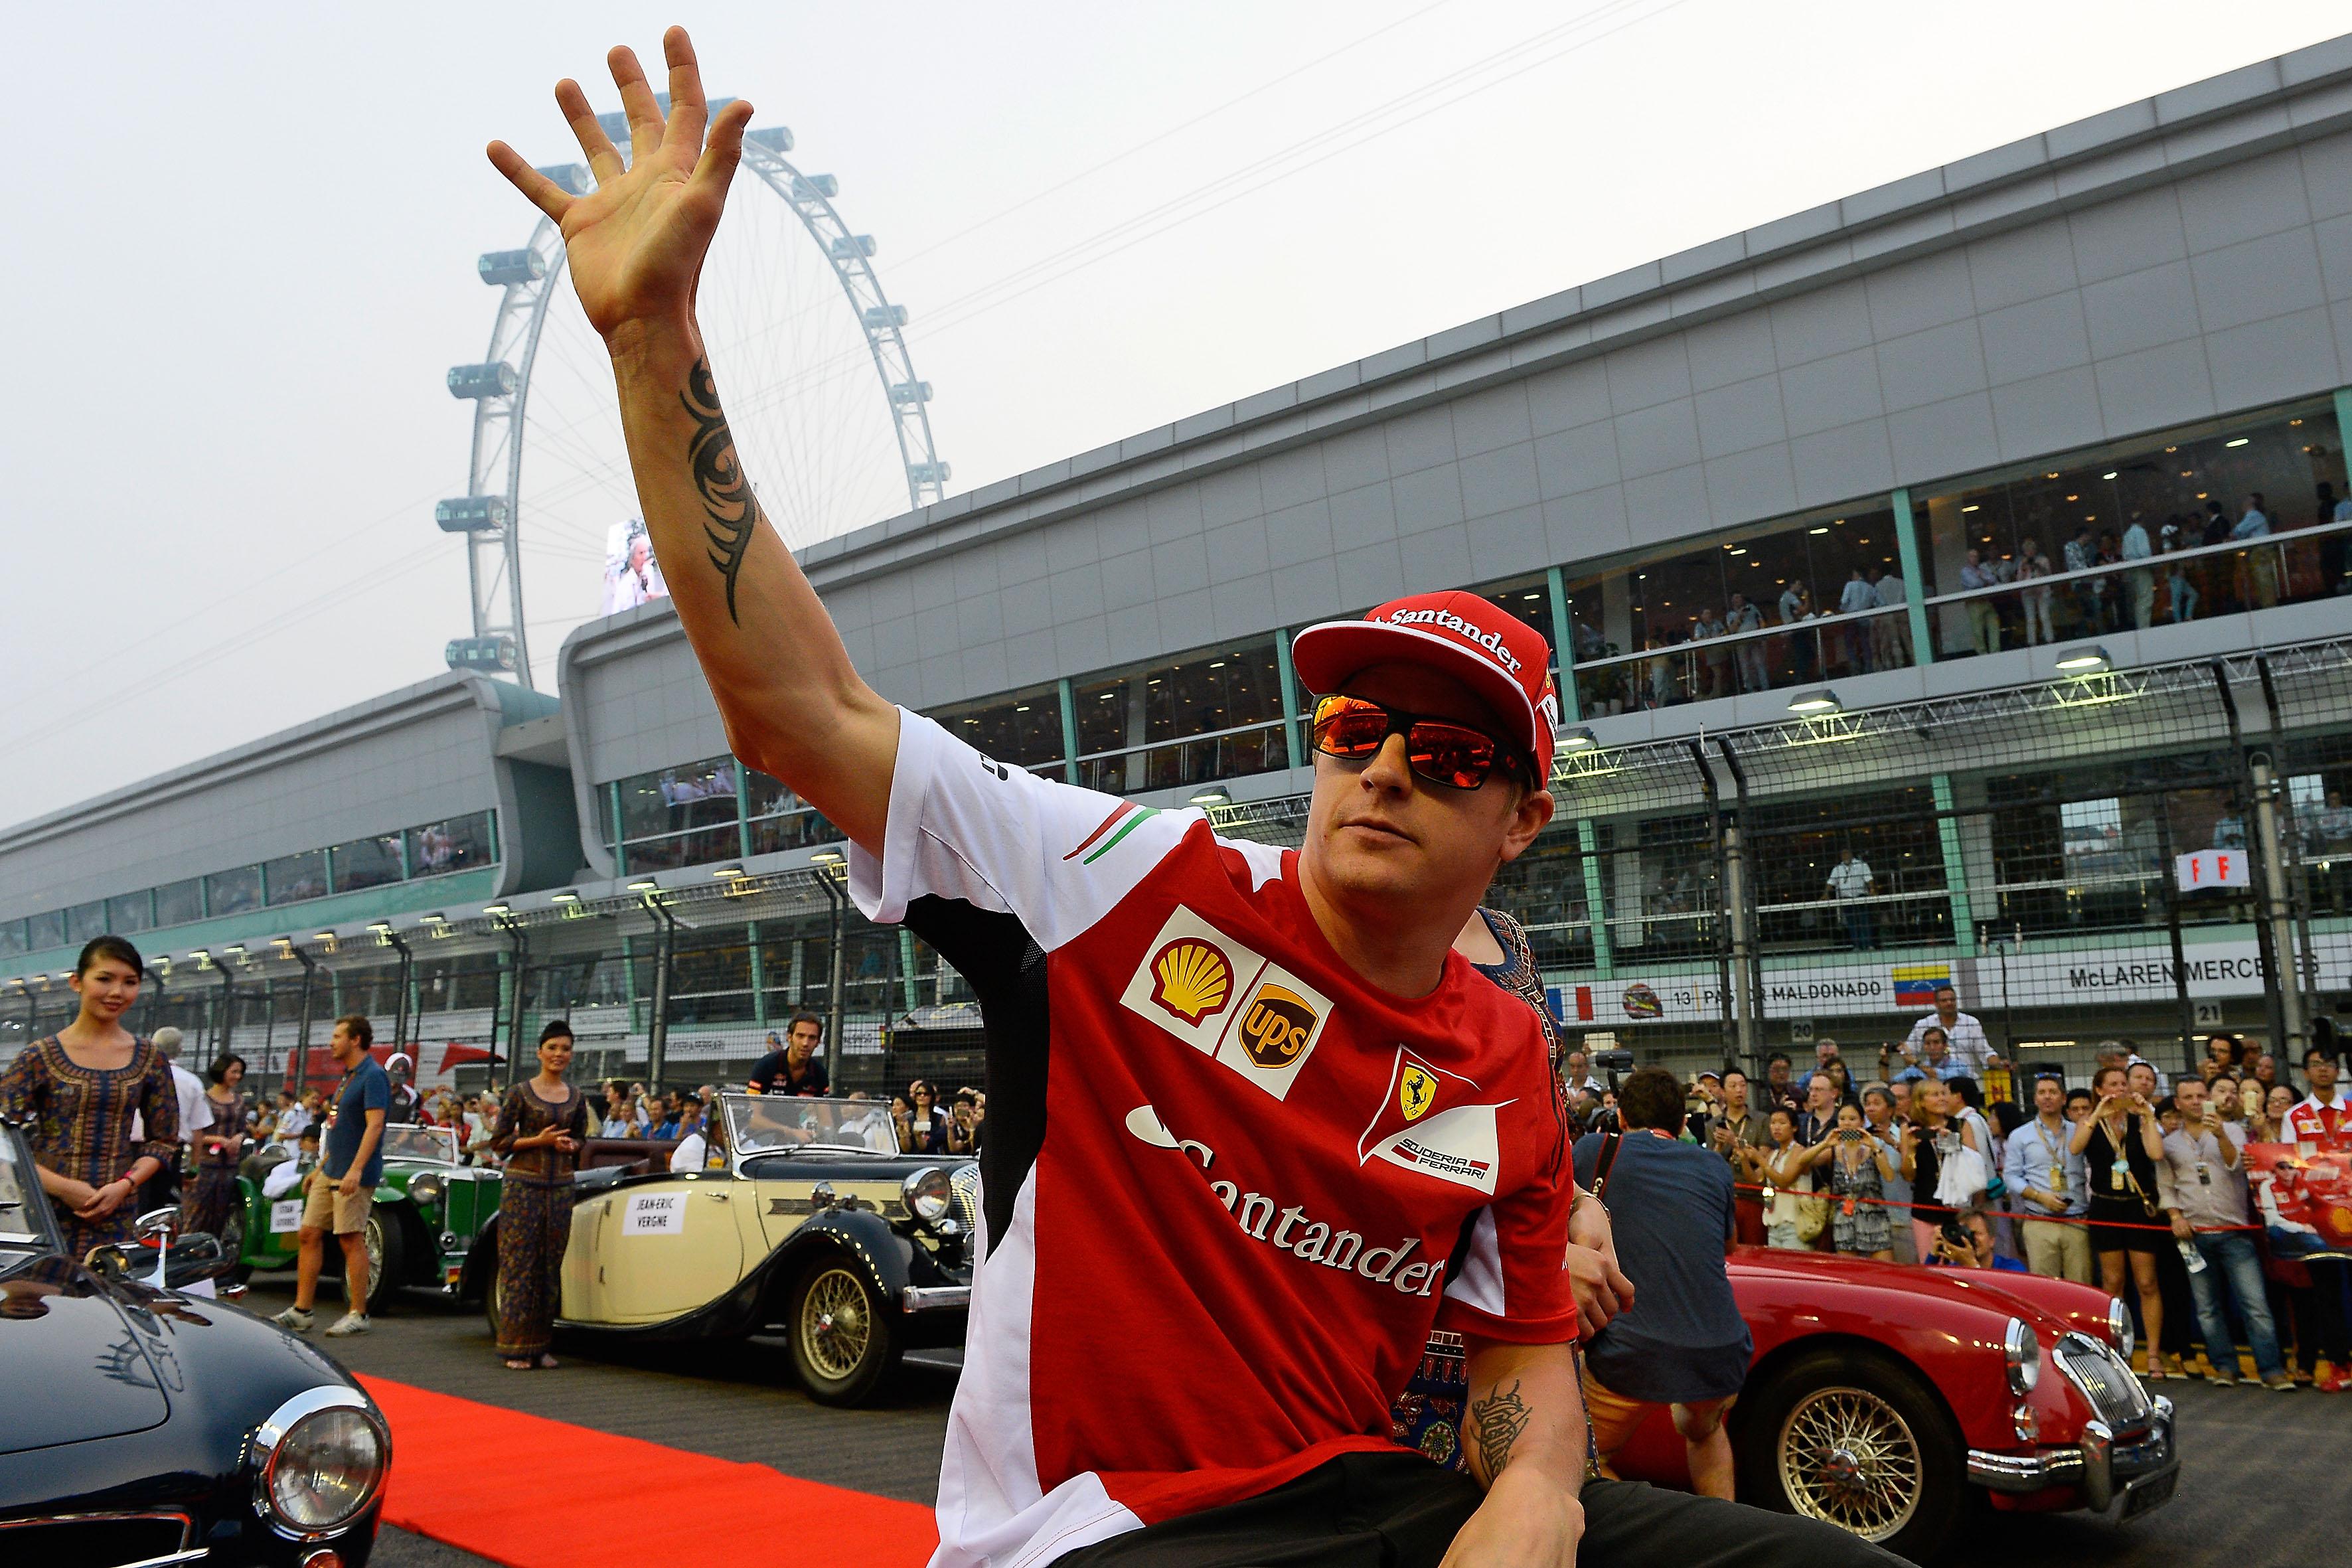 In Ferrari, l'unico tranquillo è Kimi. Che oggi compie 35 anni